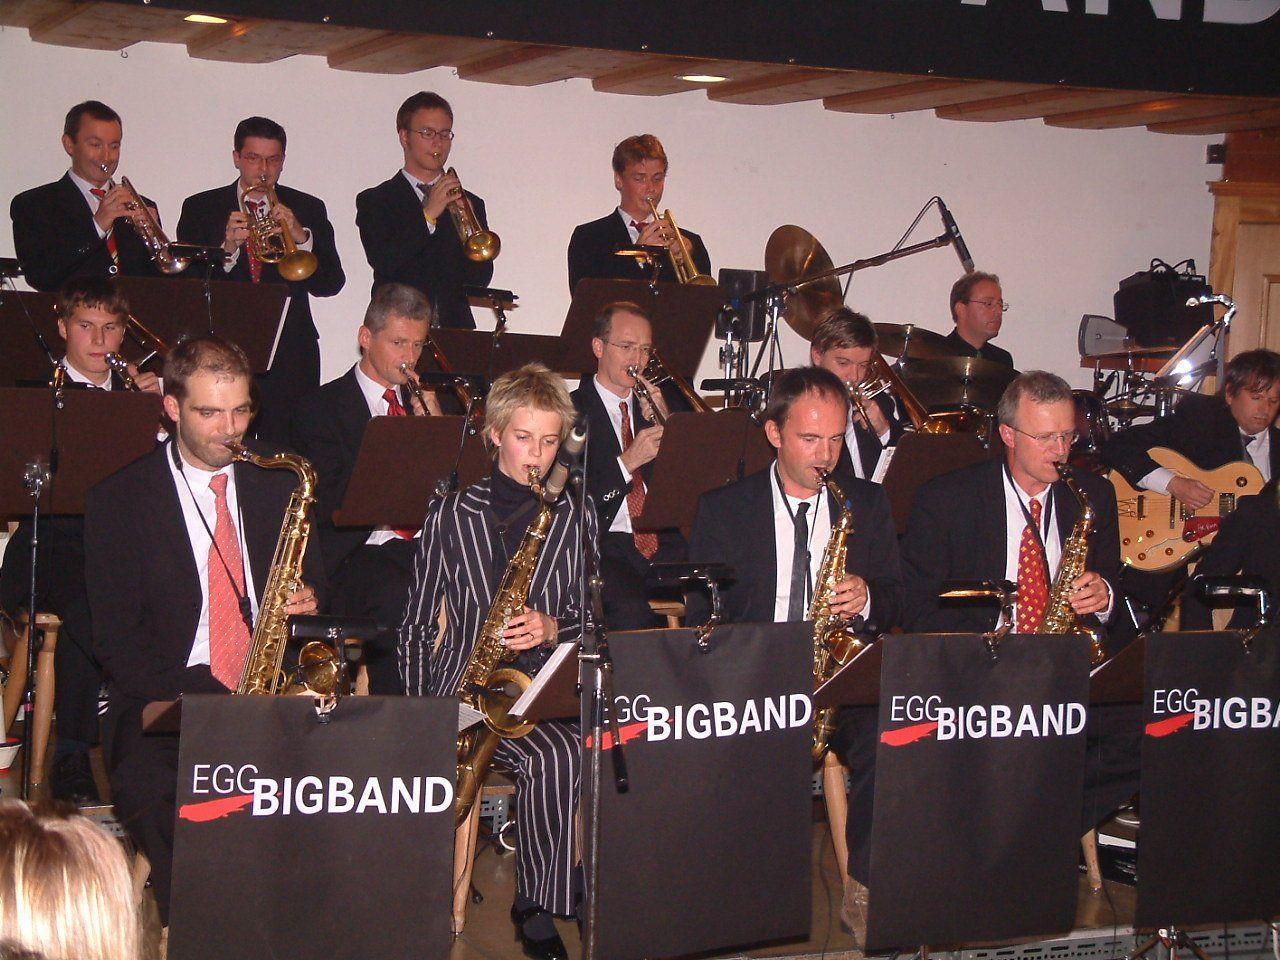 Zum Jubiläum werden die Musiker der Egg Big Band wieder ihre musikalische Qualität unter Beweis stellen.